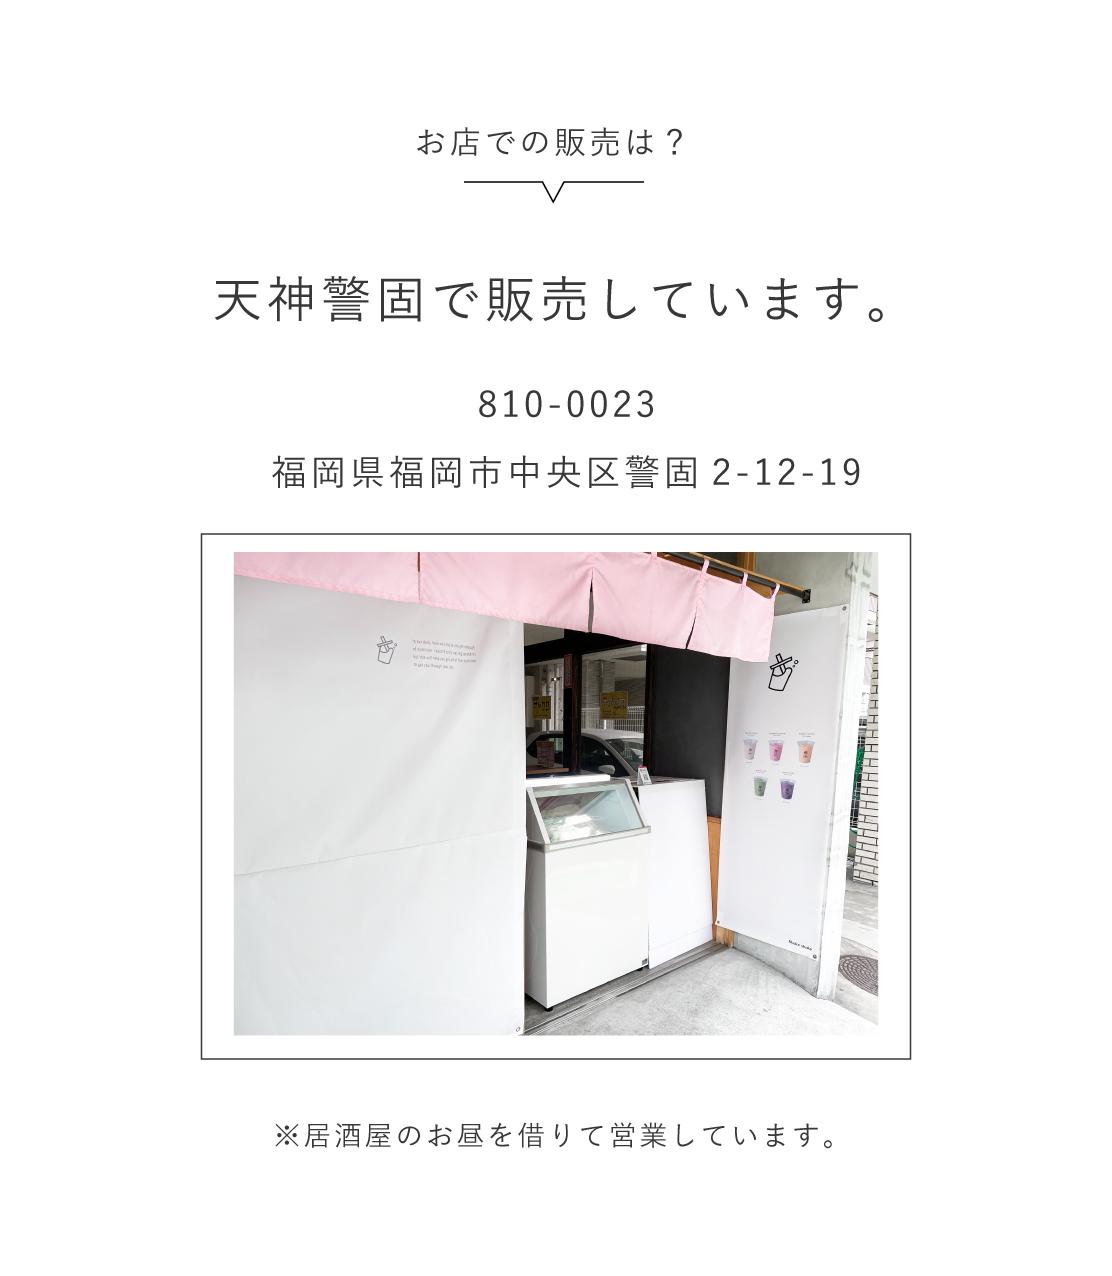 カイタックスクエアガーデン ポケットショップ 福岡 警固